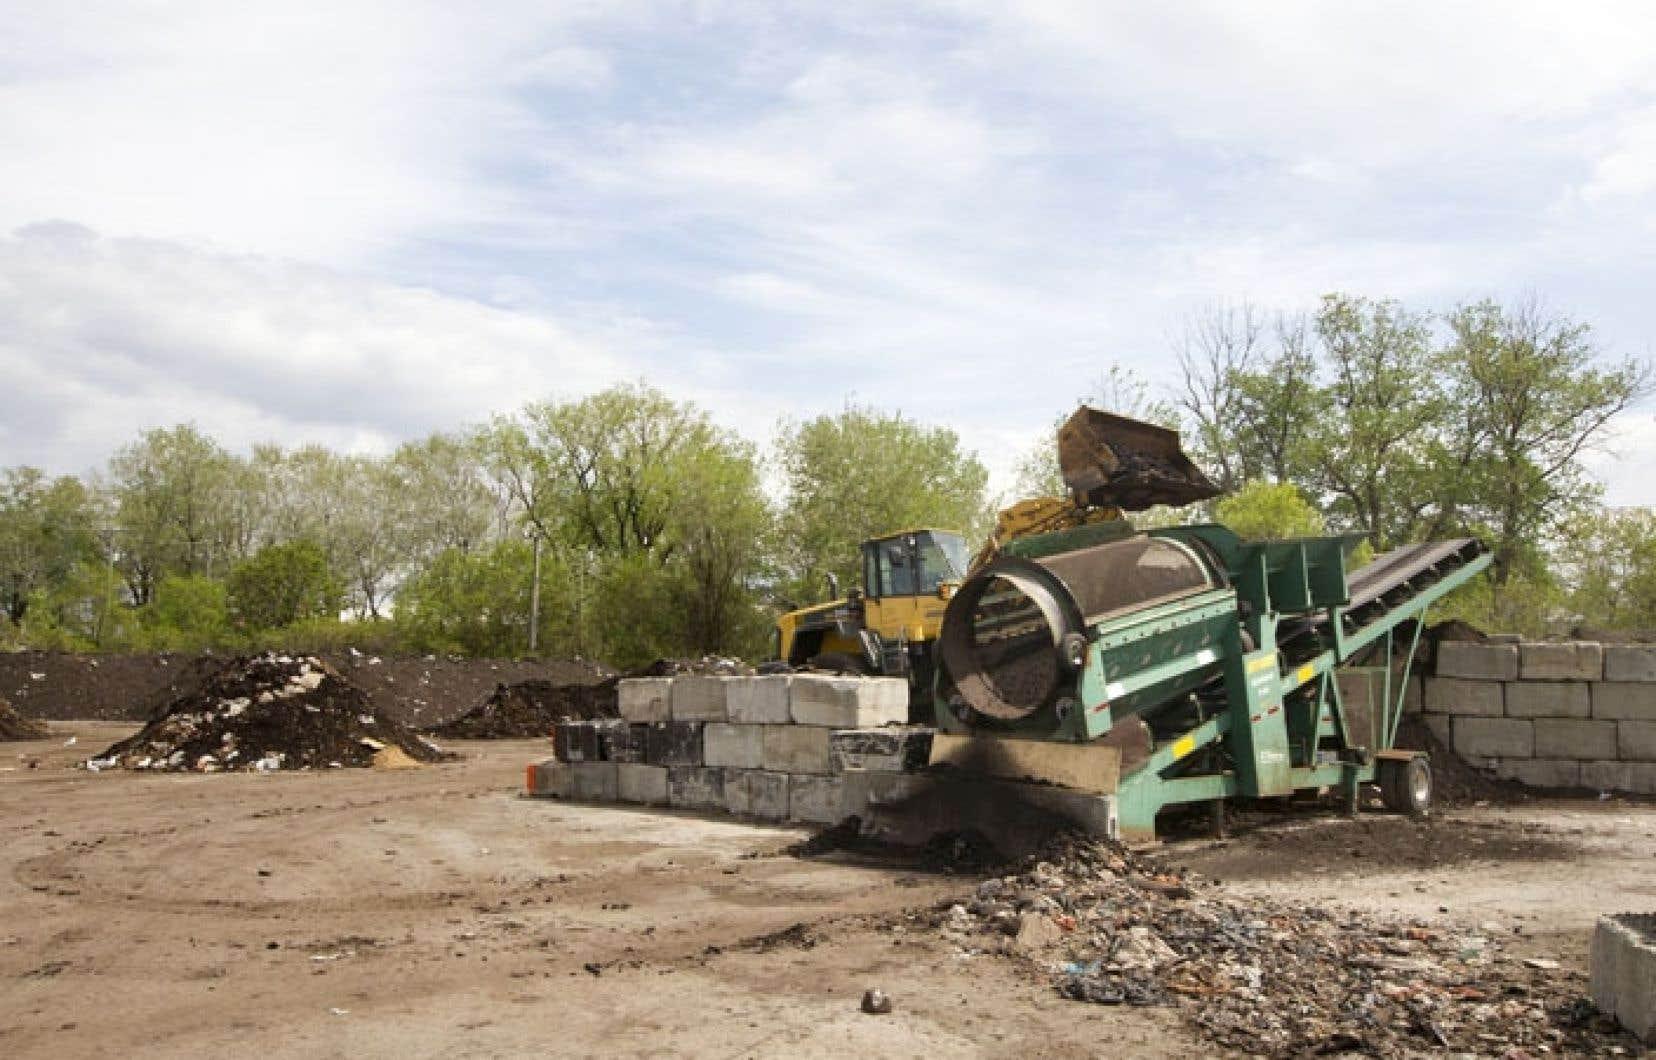 L'entreprise Compost Montréal a récemment appris qu'elle devra cesser d'accepter des matières organiques et qu'il lui faudrait quitter le site d'ici un an, car le Sud-Ouest veut utiliser le site pour ses équipements et les matériaux requis pour l'entretien de ses infrastructures.